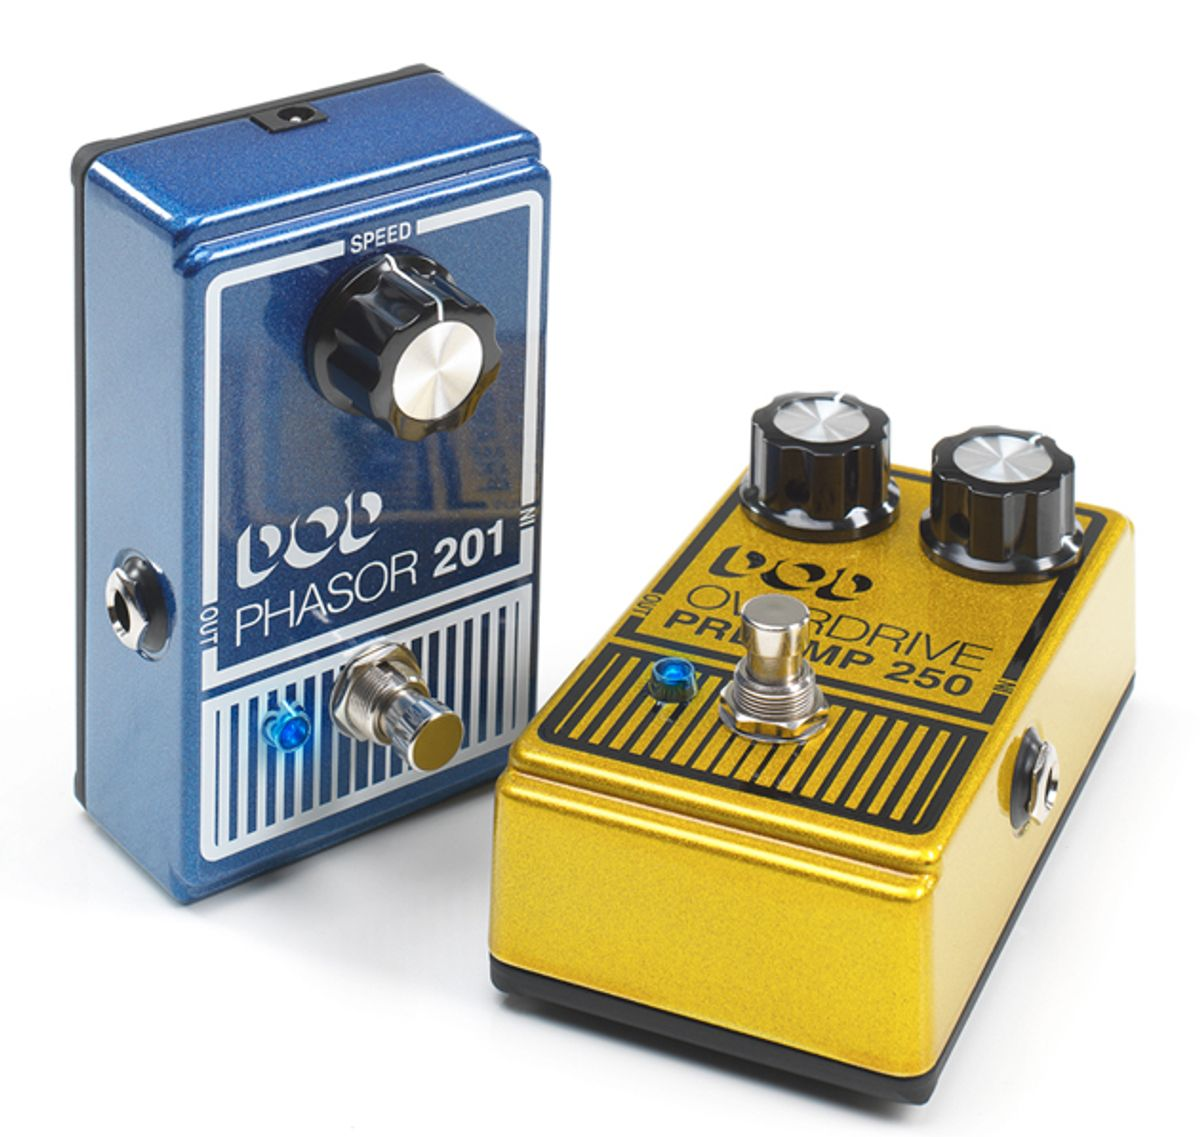 DigiTech Announces Return of DOD Pedal Line